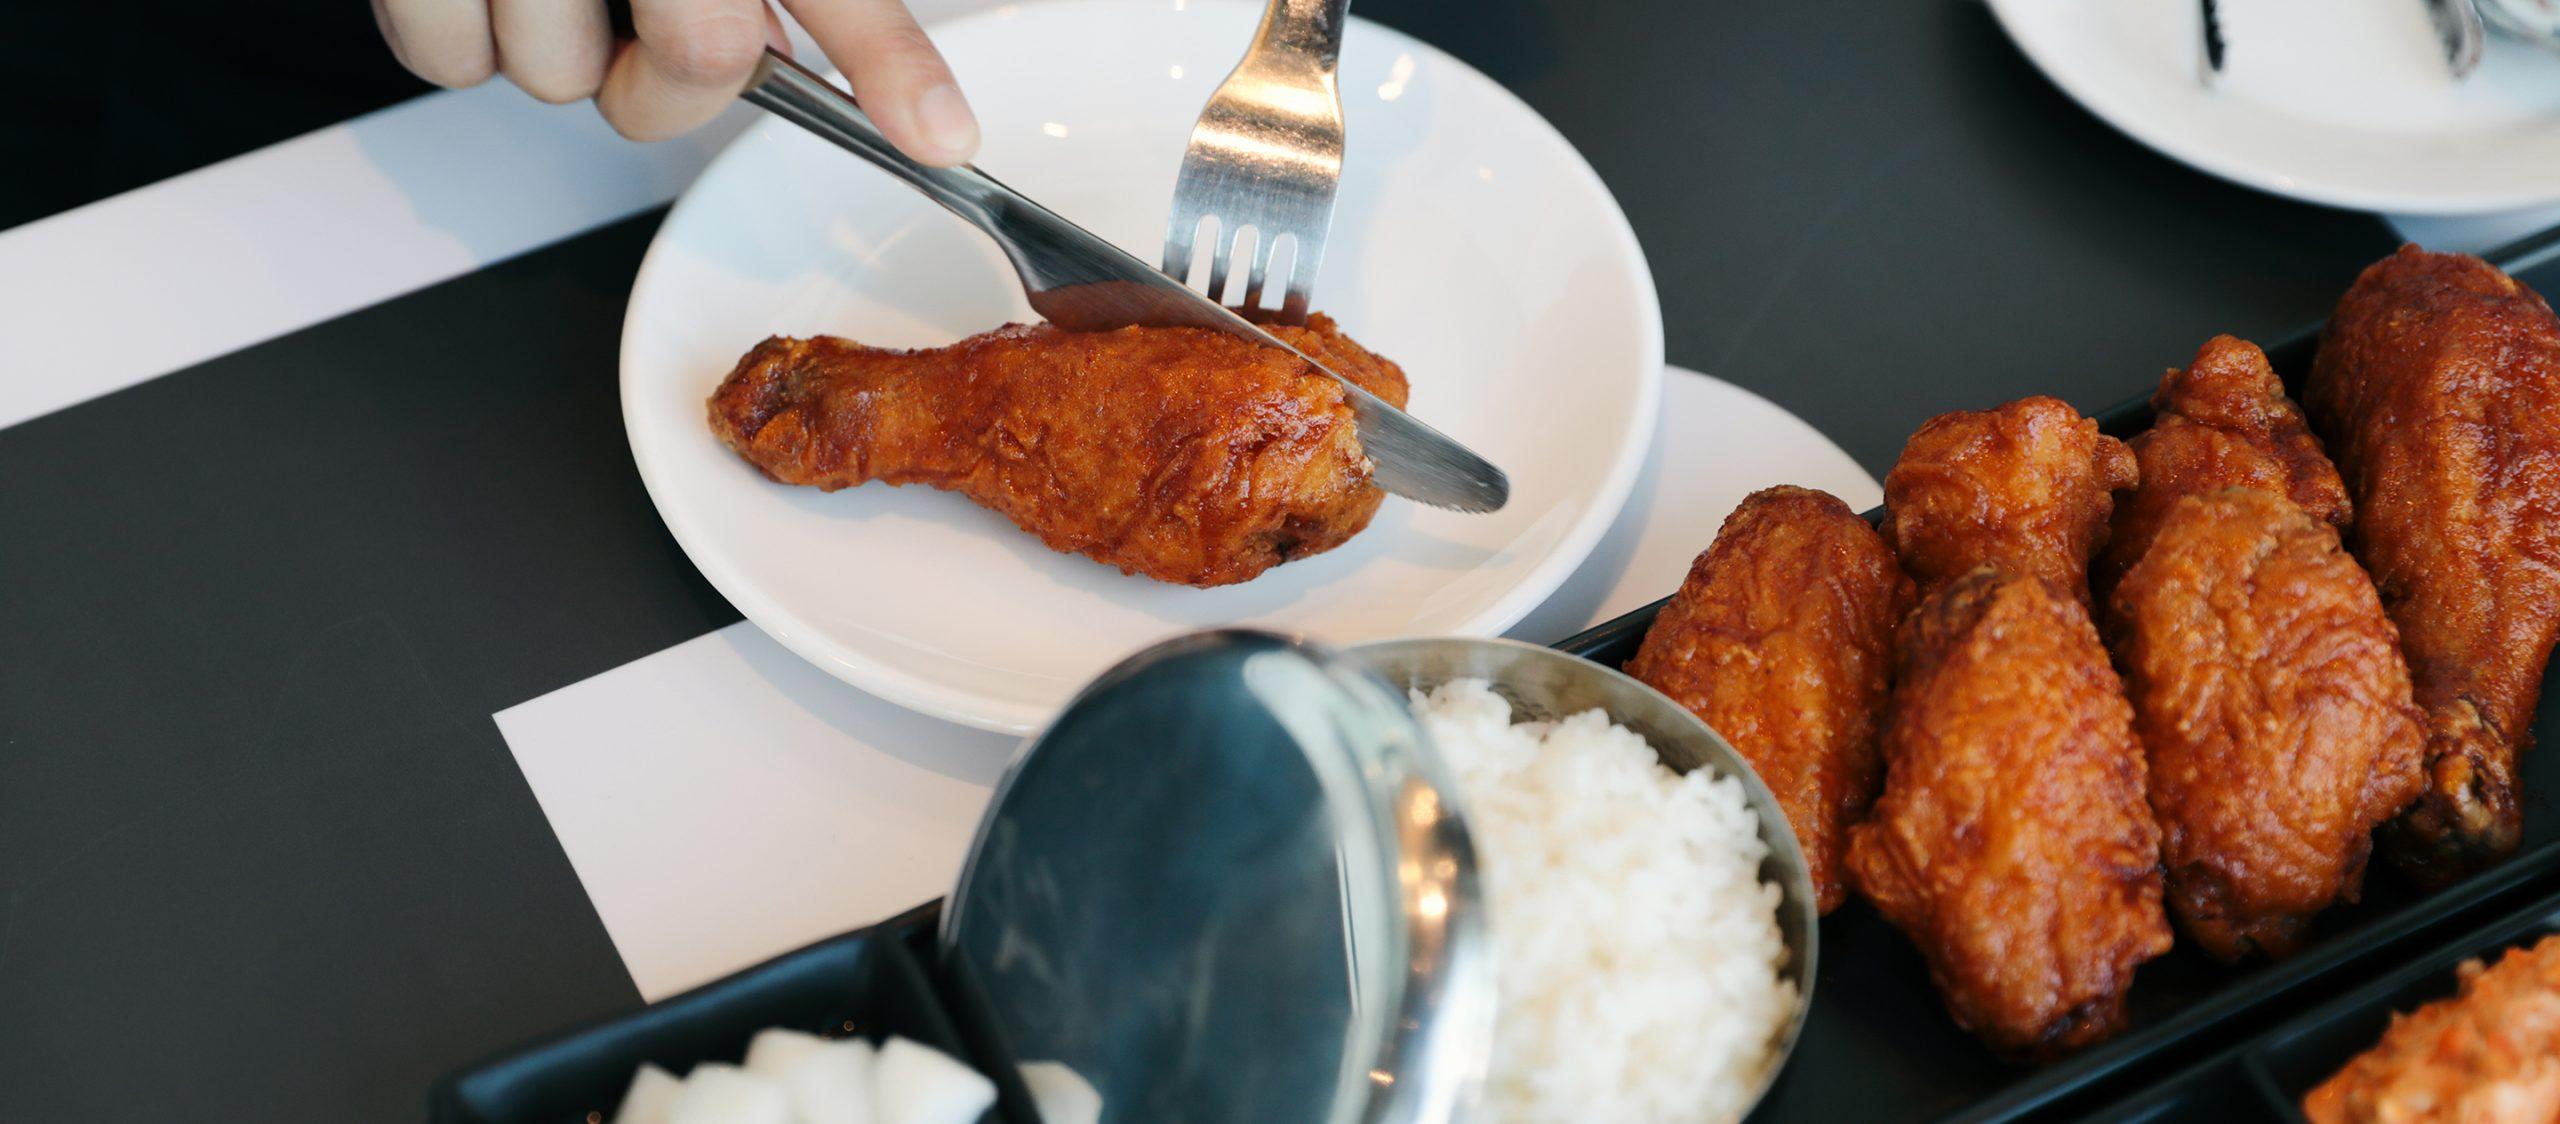 16 เรื่องเล่าหลังครัว Bonchon ที่ต่อให้กินทุกวันก็ยังไม่รู้